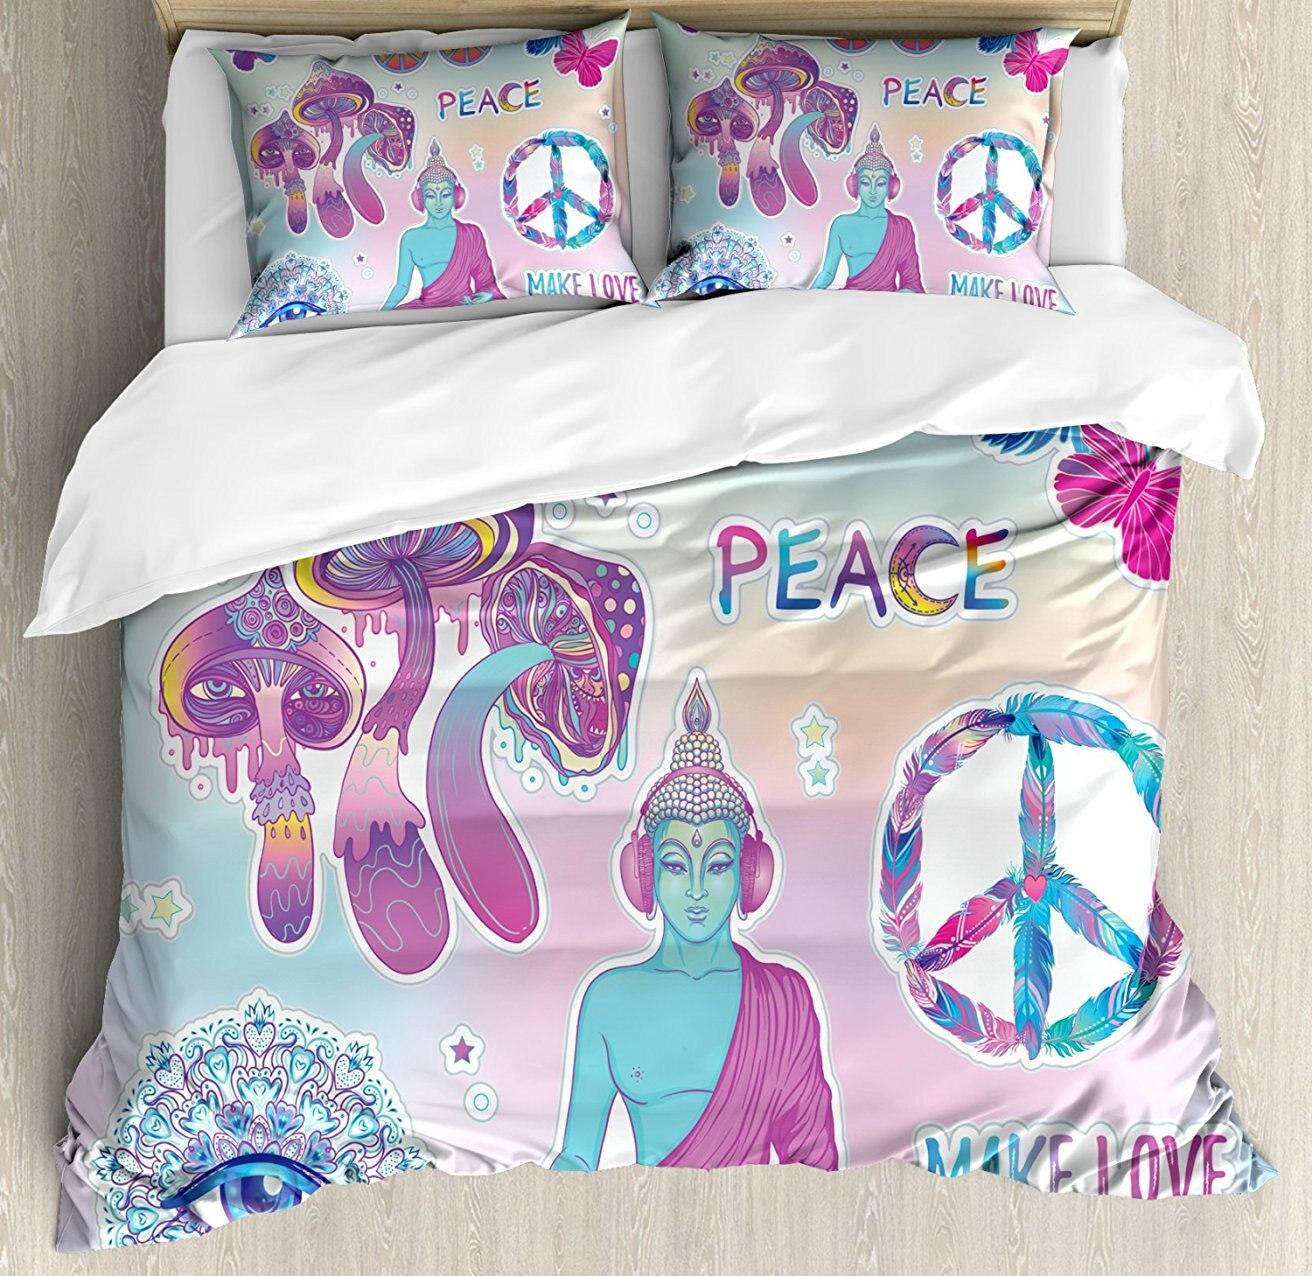 Ensemble housse de couette, champignons psychédéliques trippant tous voir Mandala papillons paix faire l'amour imprimer, ensemble de literie 4 pièces